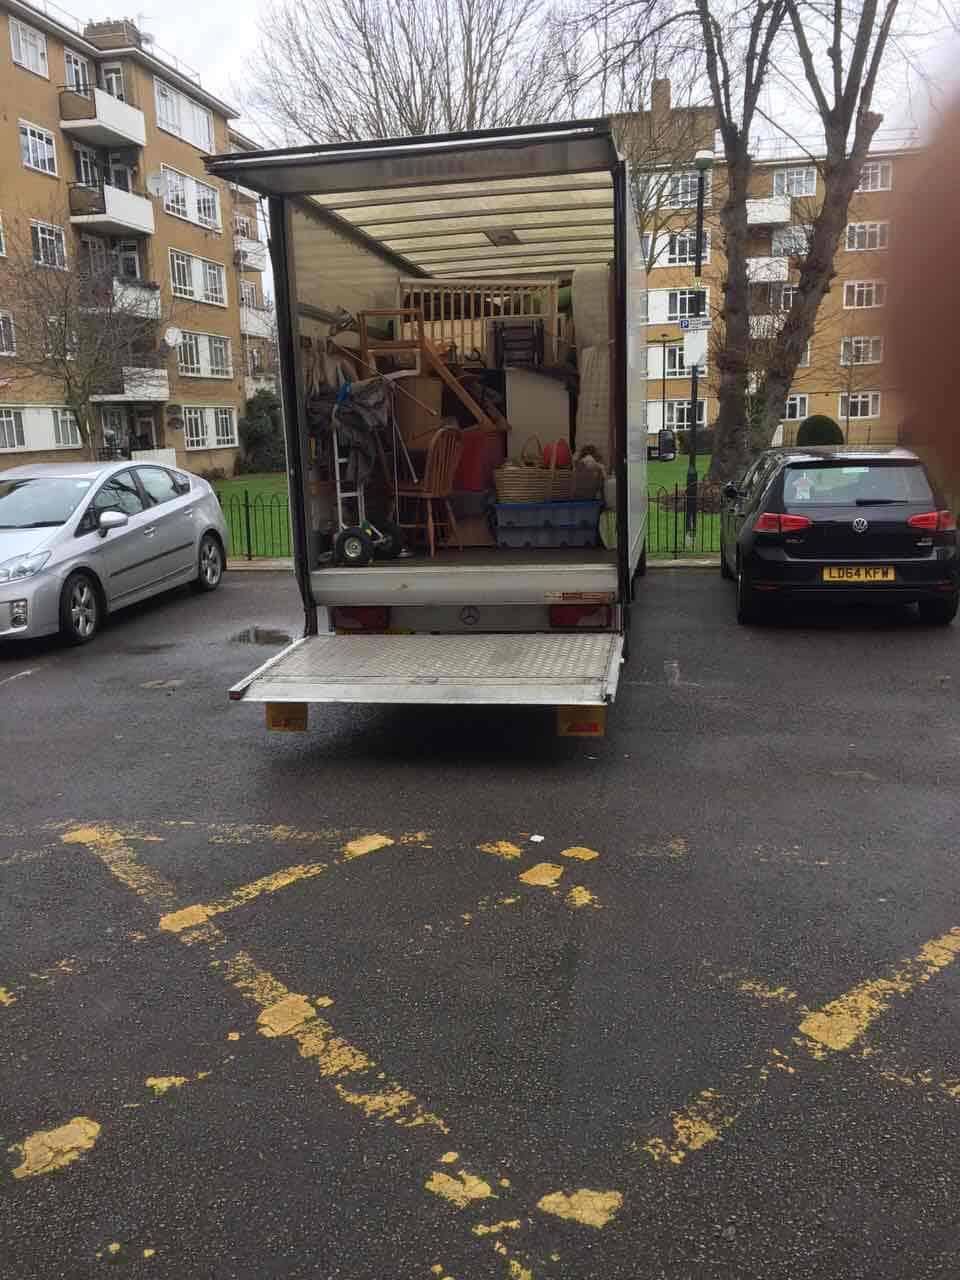 N1 van for hire in Barnsbury